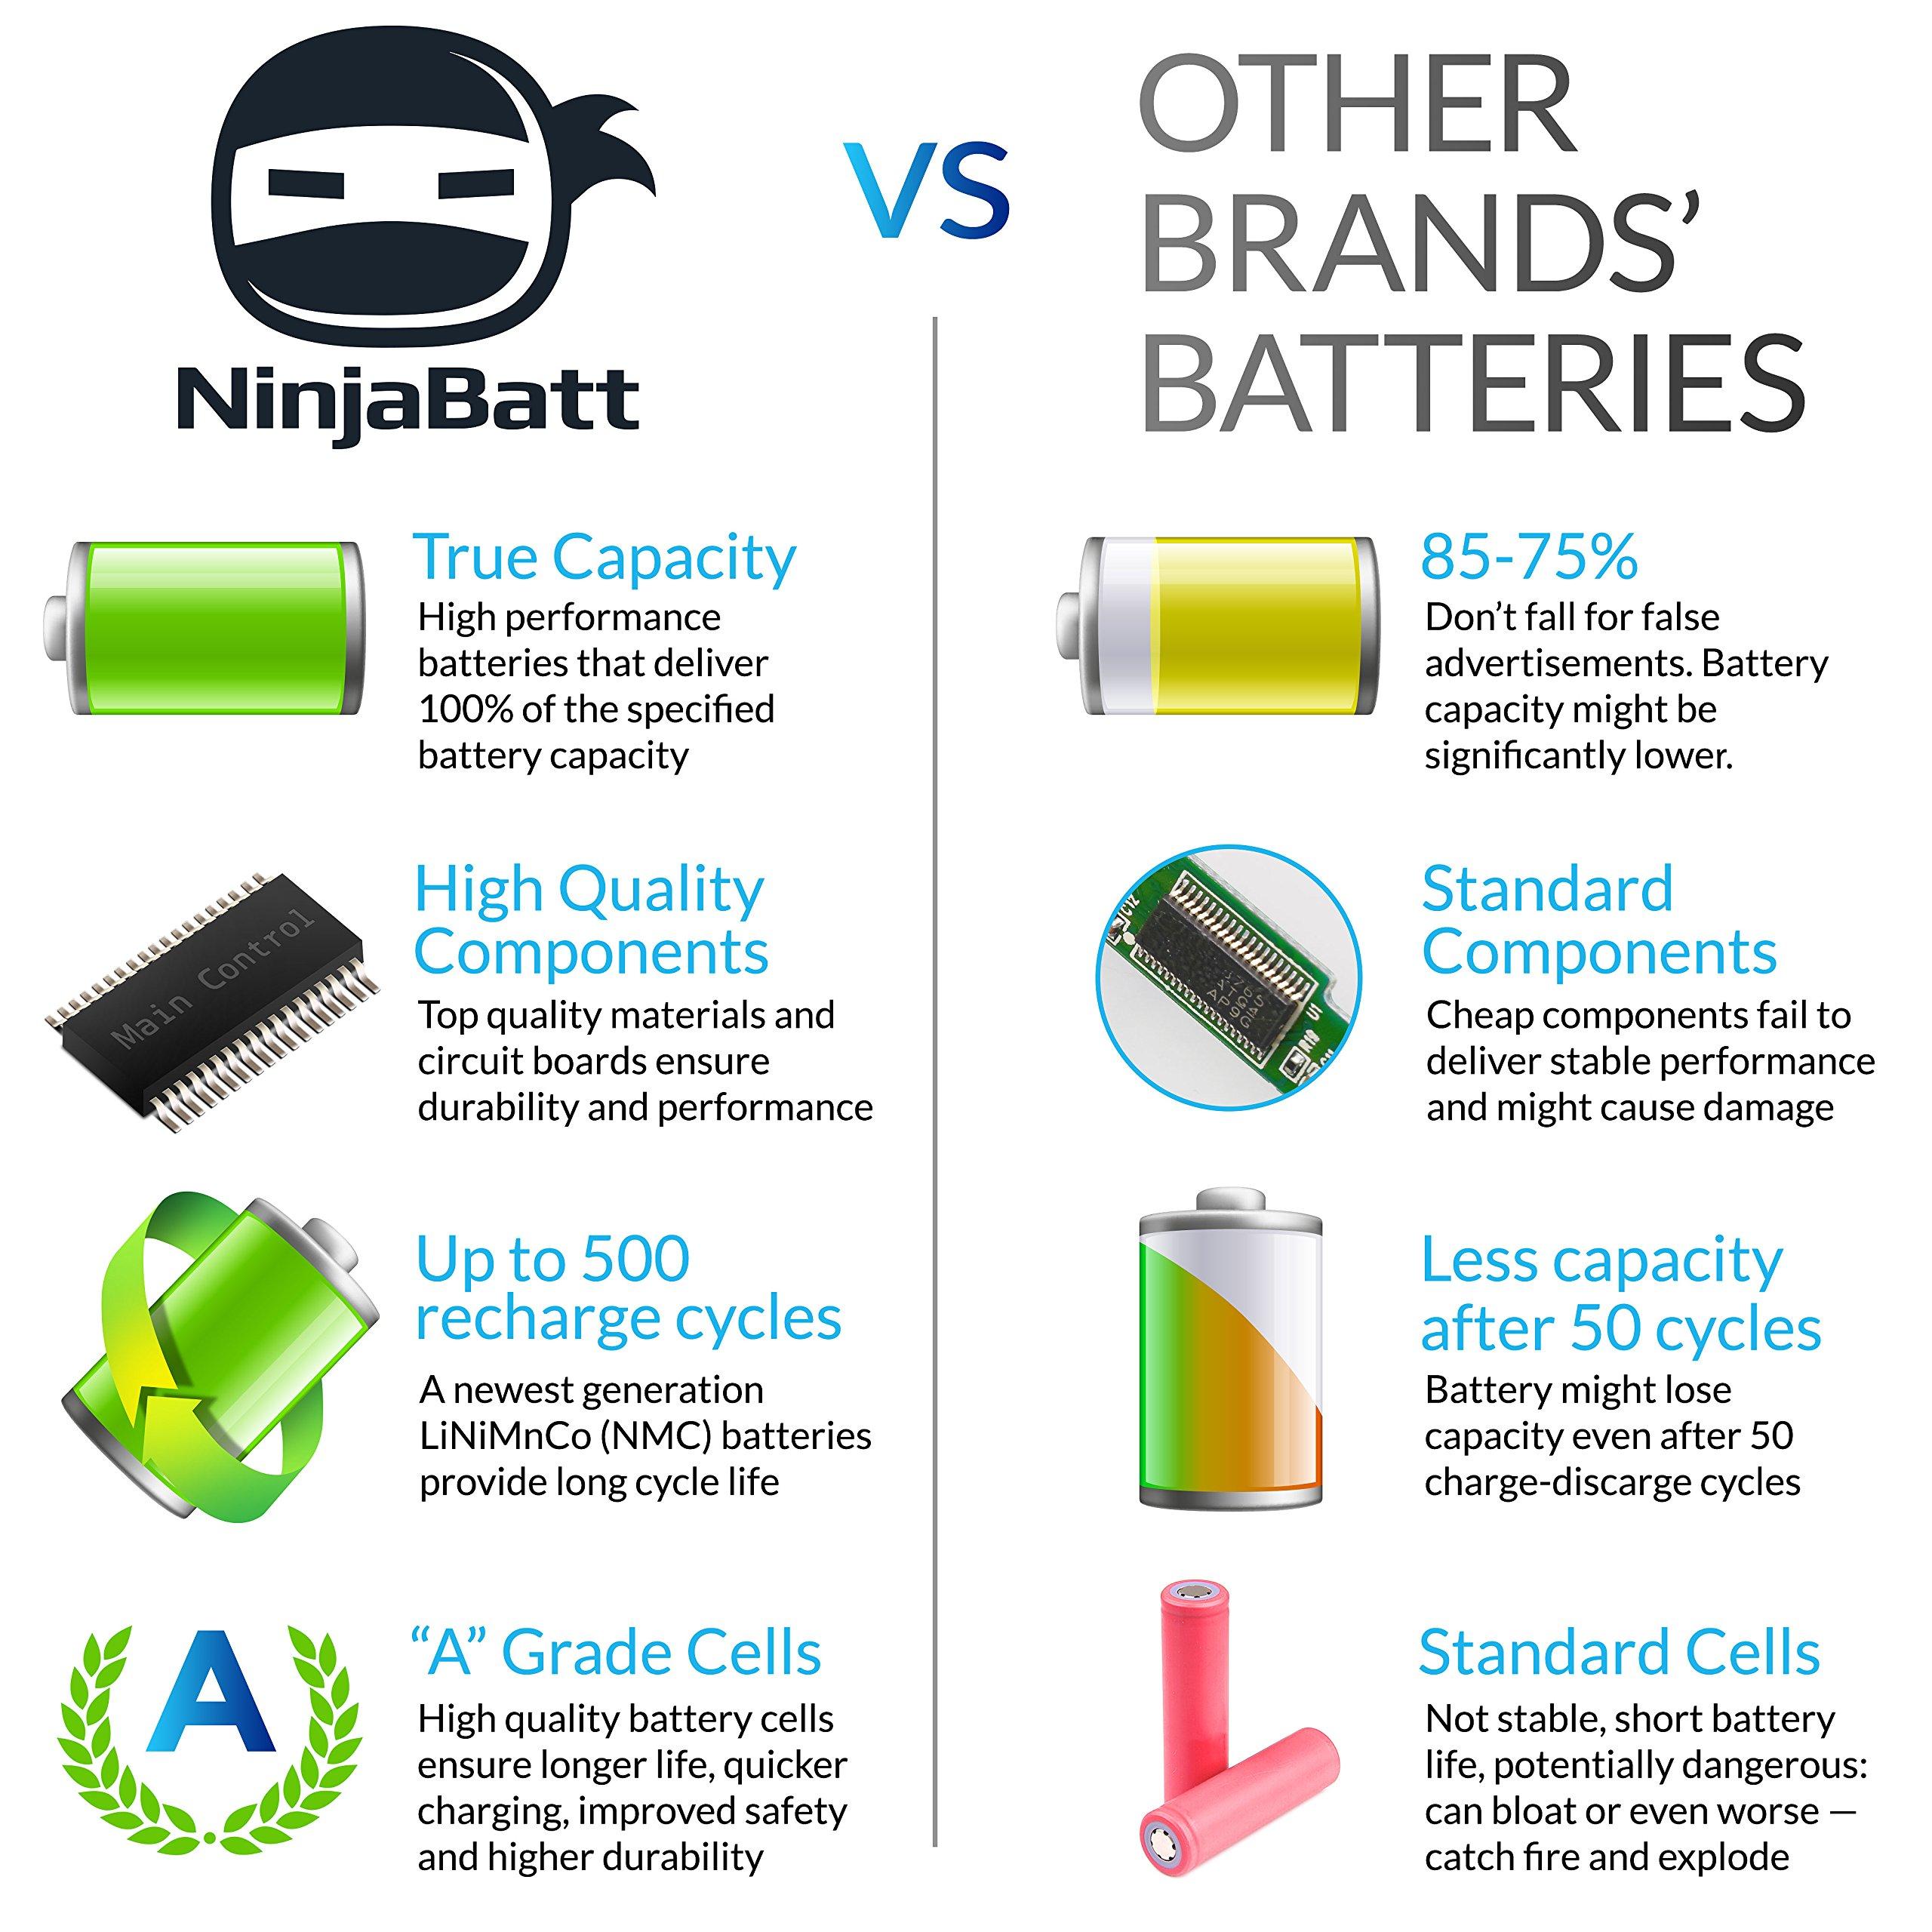 NinjaBatt Laptop Battery for HP VI04 756743-001 756745-001 756744-001 756478-851 ProBook 440 G2 450 G2 756478-421 756478-421 756478-422 756479-421 HSTNN-LB6I Envy 14 15 17 - [4 Cells/2200mAh] by NinjaBatt (Image #2)